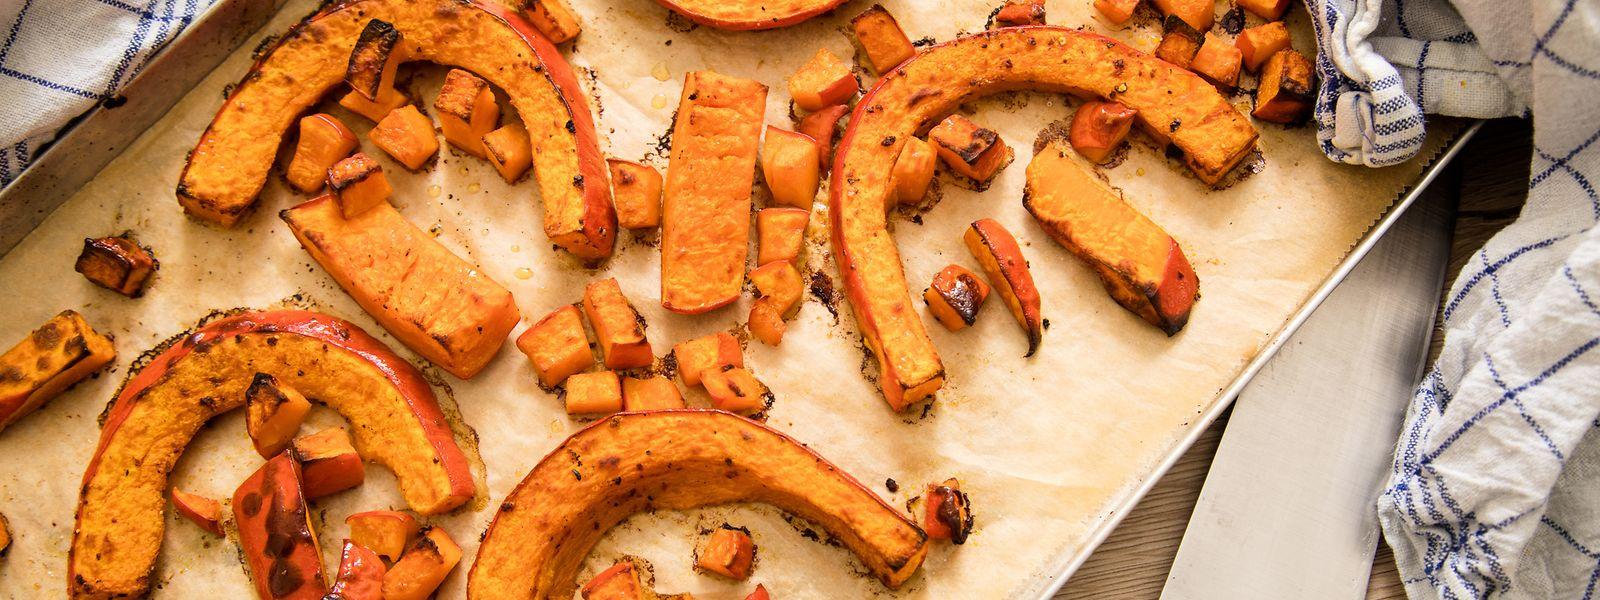 Wird das Fruchtfleisch des Kürbisses nicht gekocht, sondern im Ofen gebacken, verdunstet die Feuchtigkeit. So lässt sich die Masse etwa für die Zubereitung von Kürbis-Gnocchi besser verarbeiten.